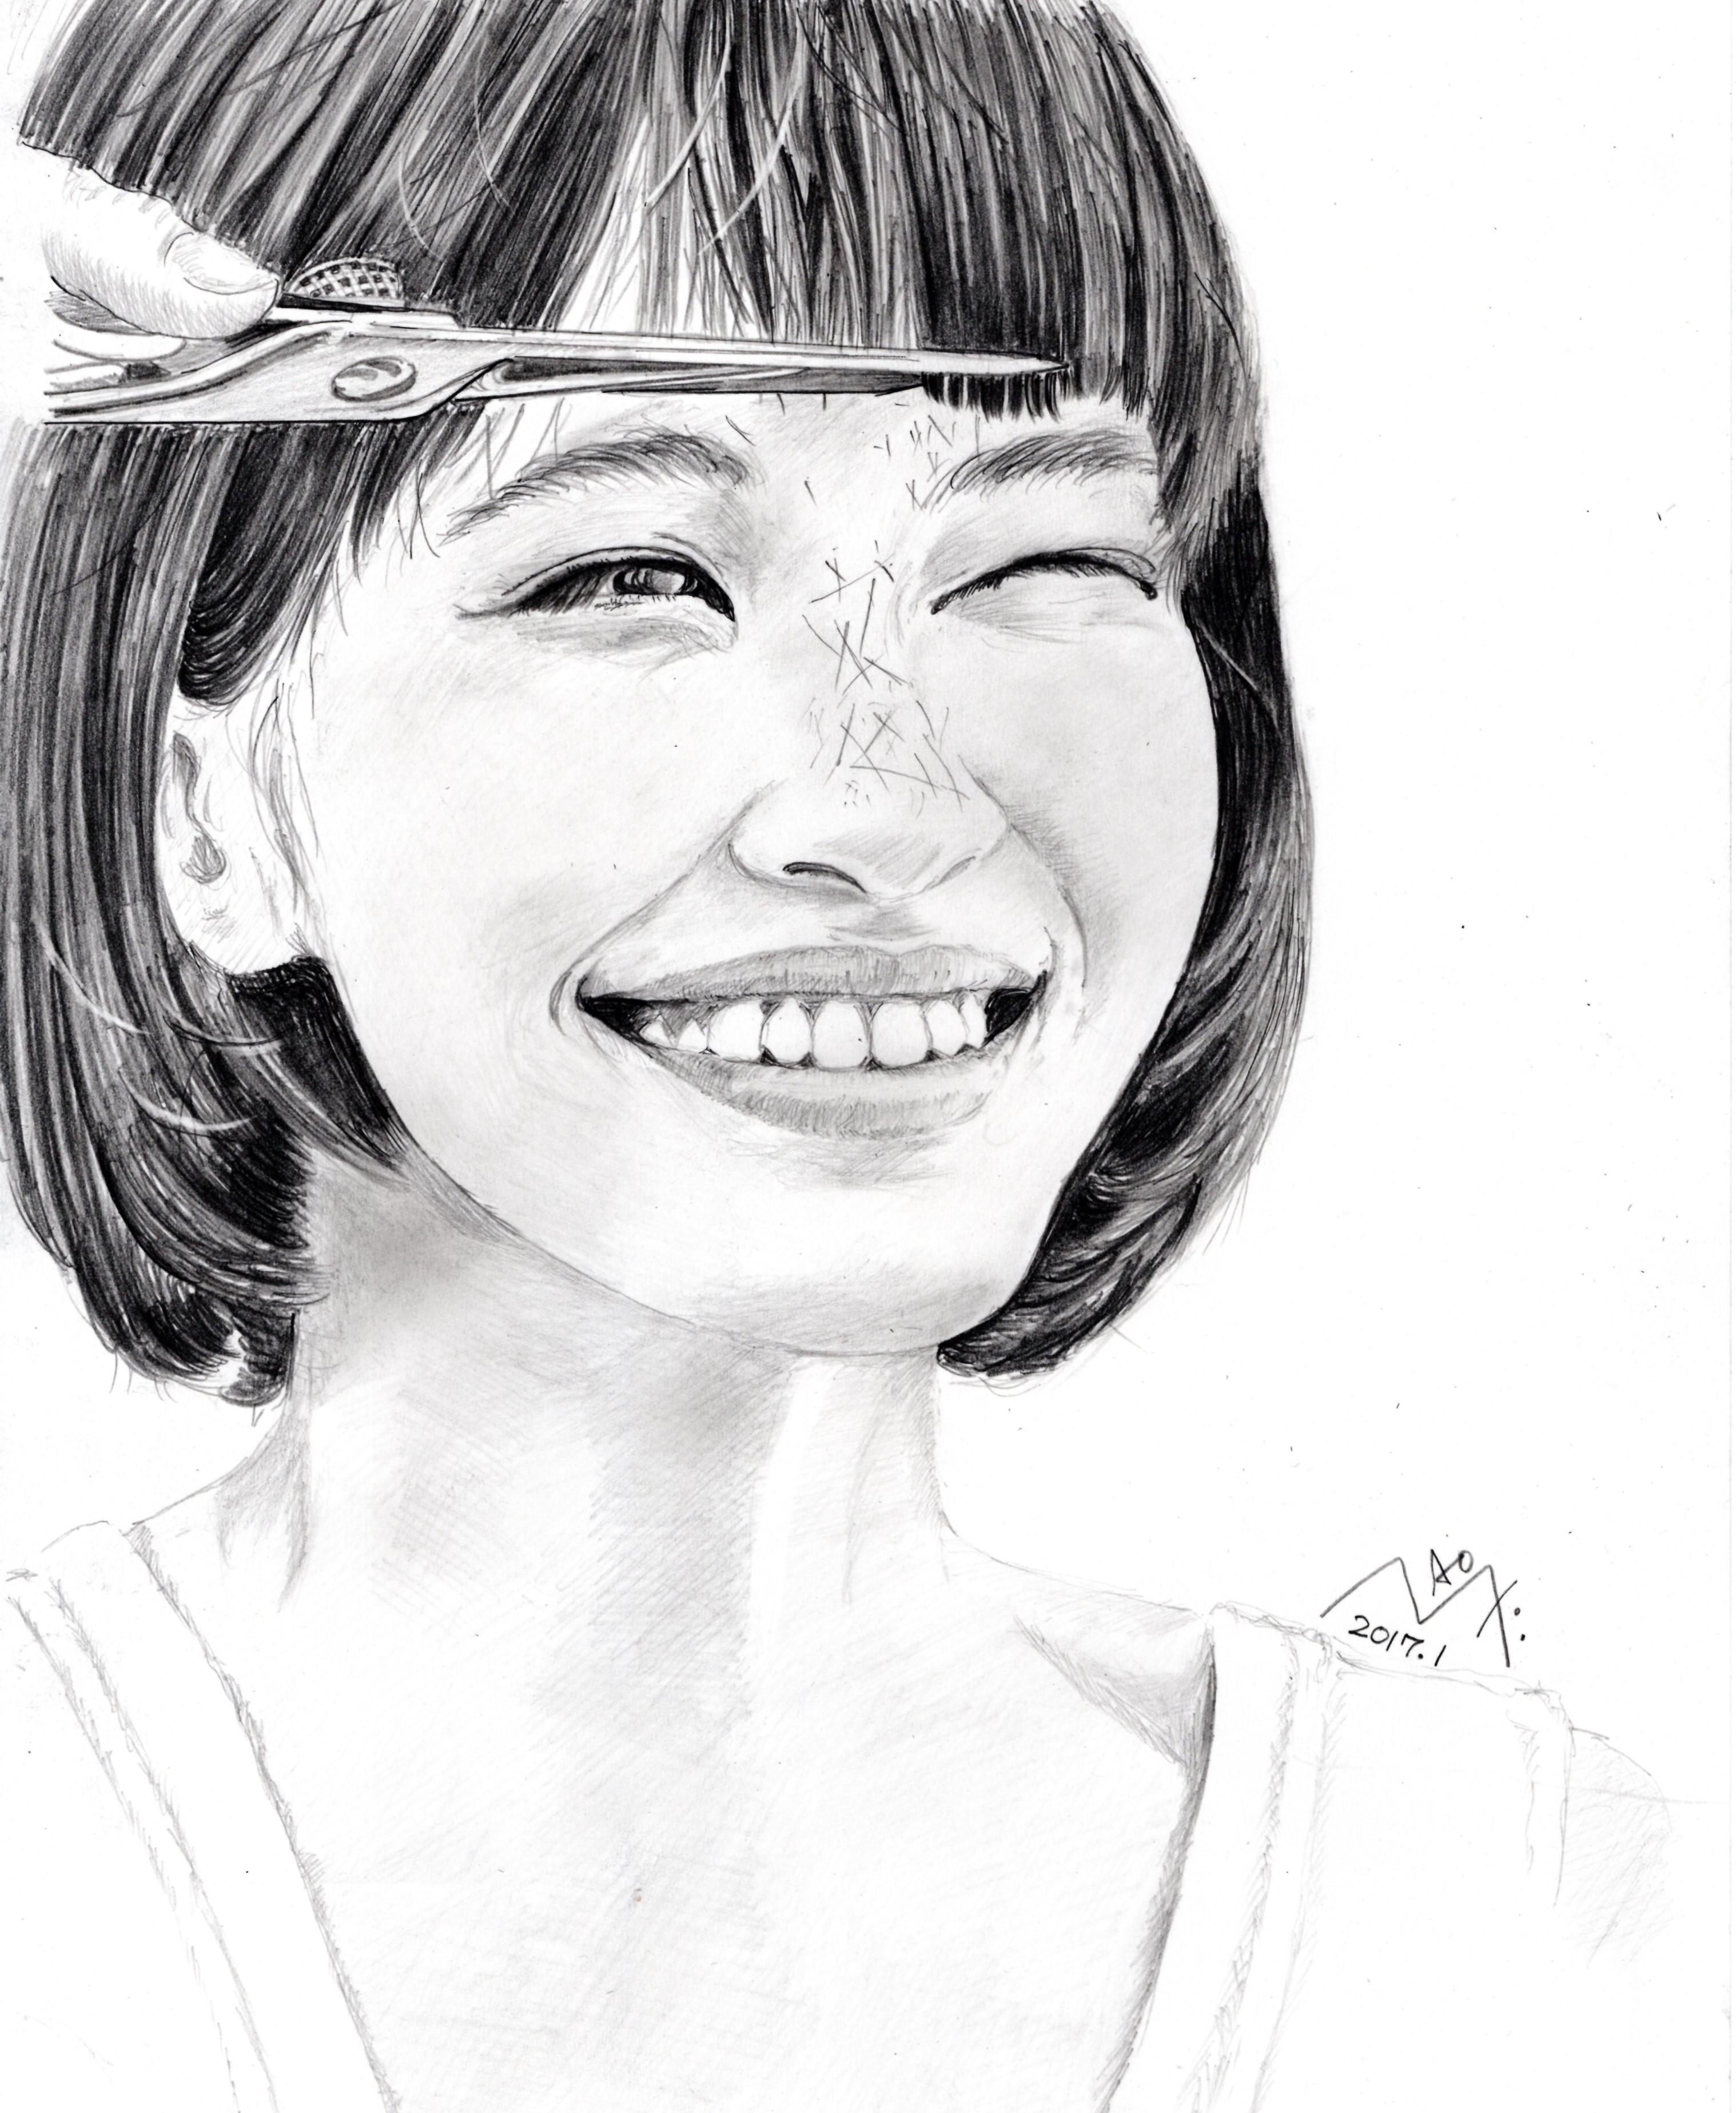 水原希子 鉛筆画似顔絵